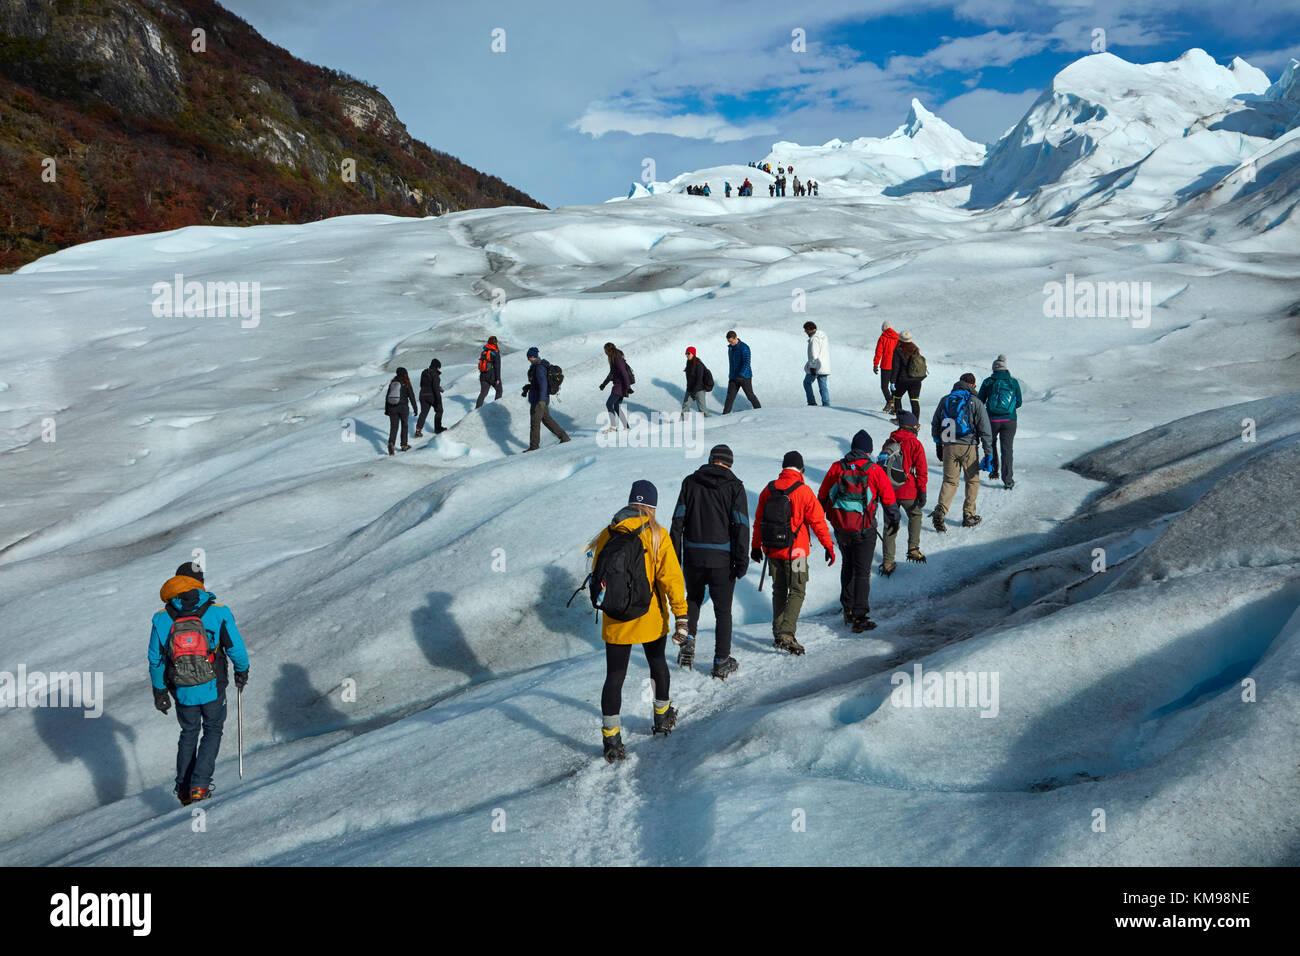 Hikers on Perito Moreno Glacier, Parque Nacional Los Glaciares (World Heritage Area), Patagonia, Argentina, South - Stock Image